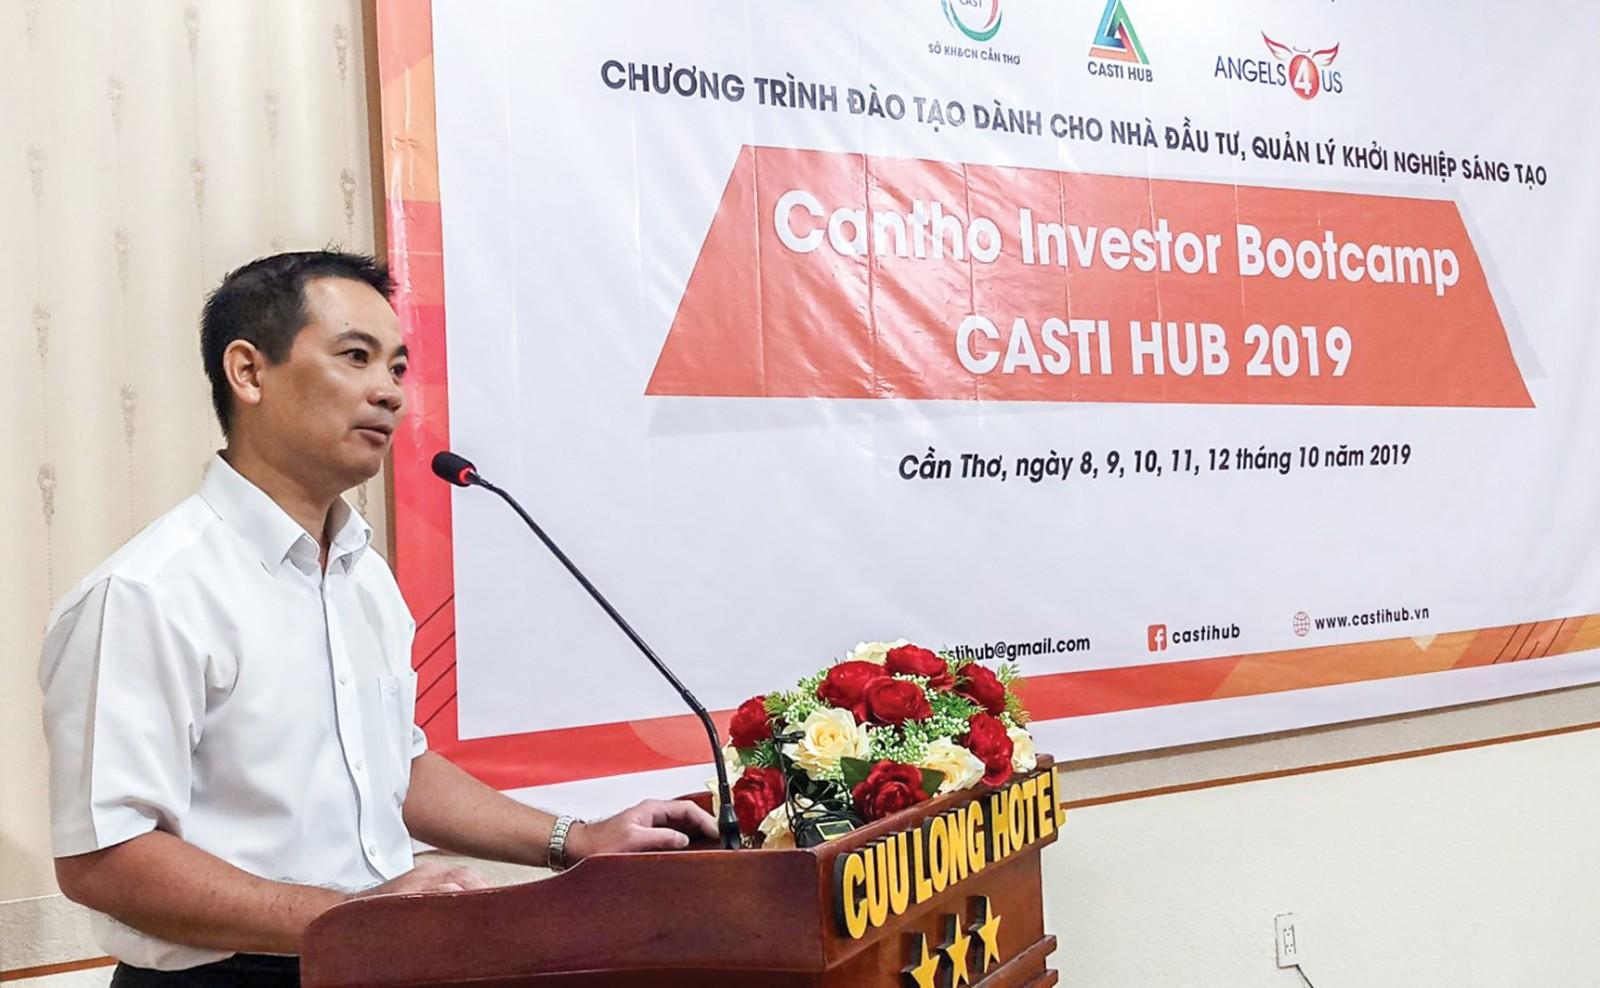 Ông Vũ Minh Hải, Giám đốc Trung tâm Thông tin khoa học và công nghệ, Sở Khoa học và Công nghệ TP Cần Thơ phát biểu.